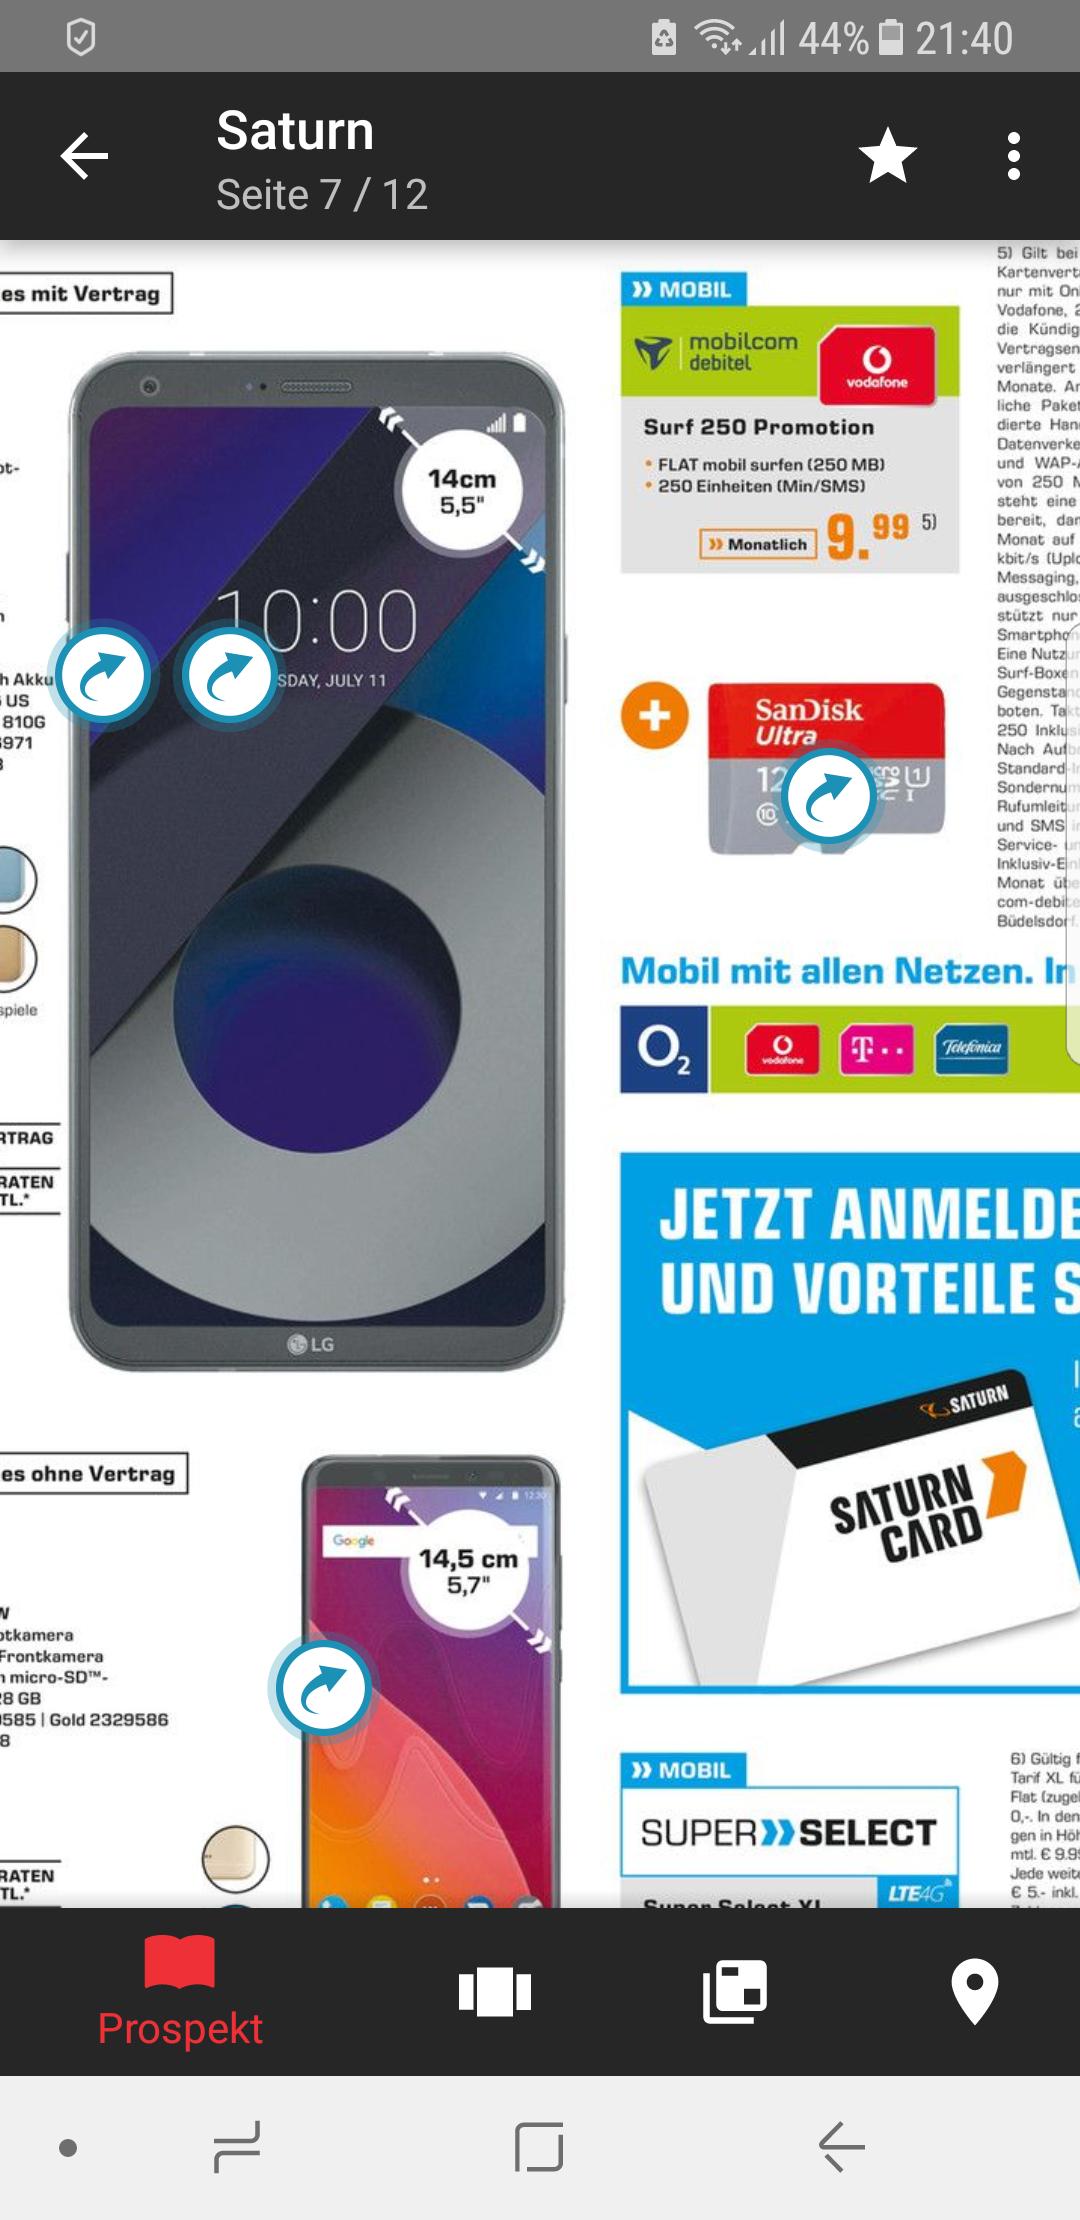 LG Q6 + 128 GB Speicherkarte im Mobilcom Vodafone Surf 250 Promotion Tarif(250 Frei-SMS/Minuten und 250 MB Internet Flat) @Saturn